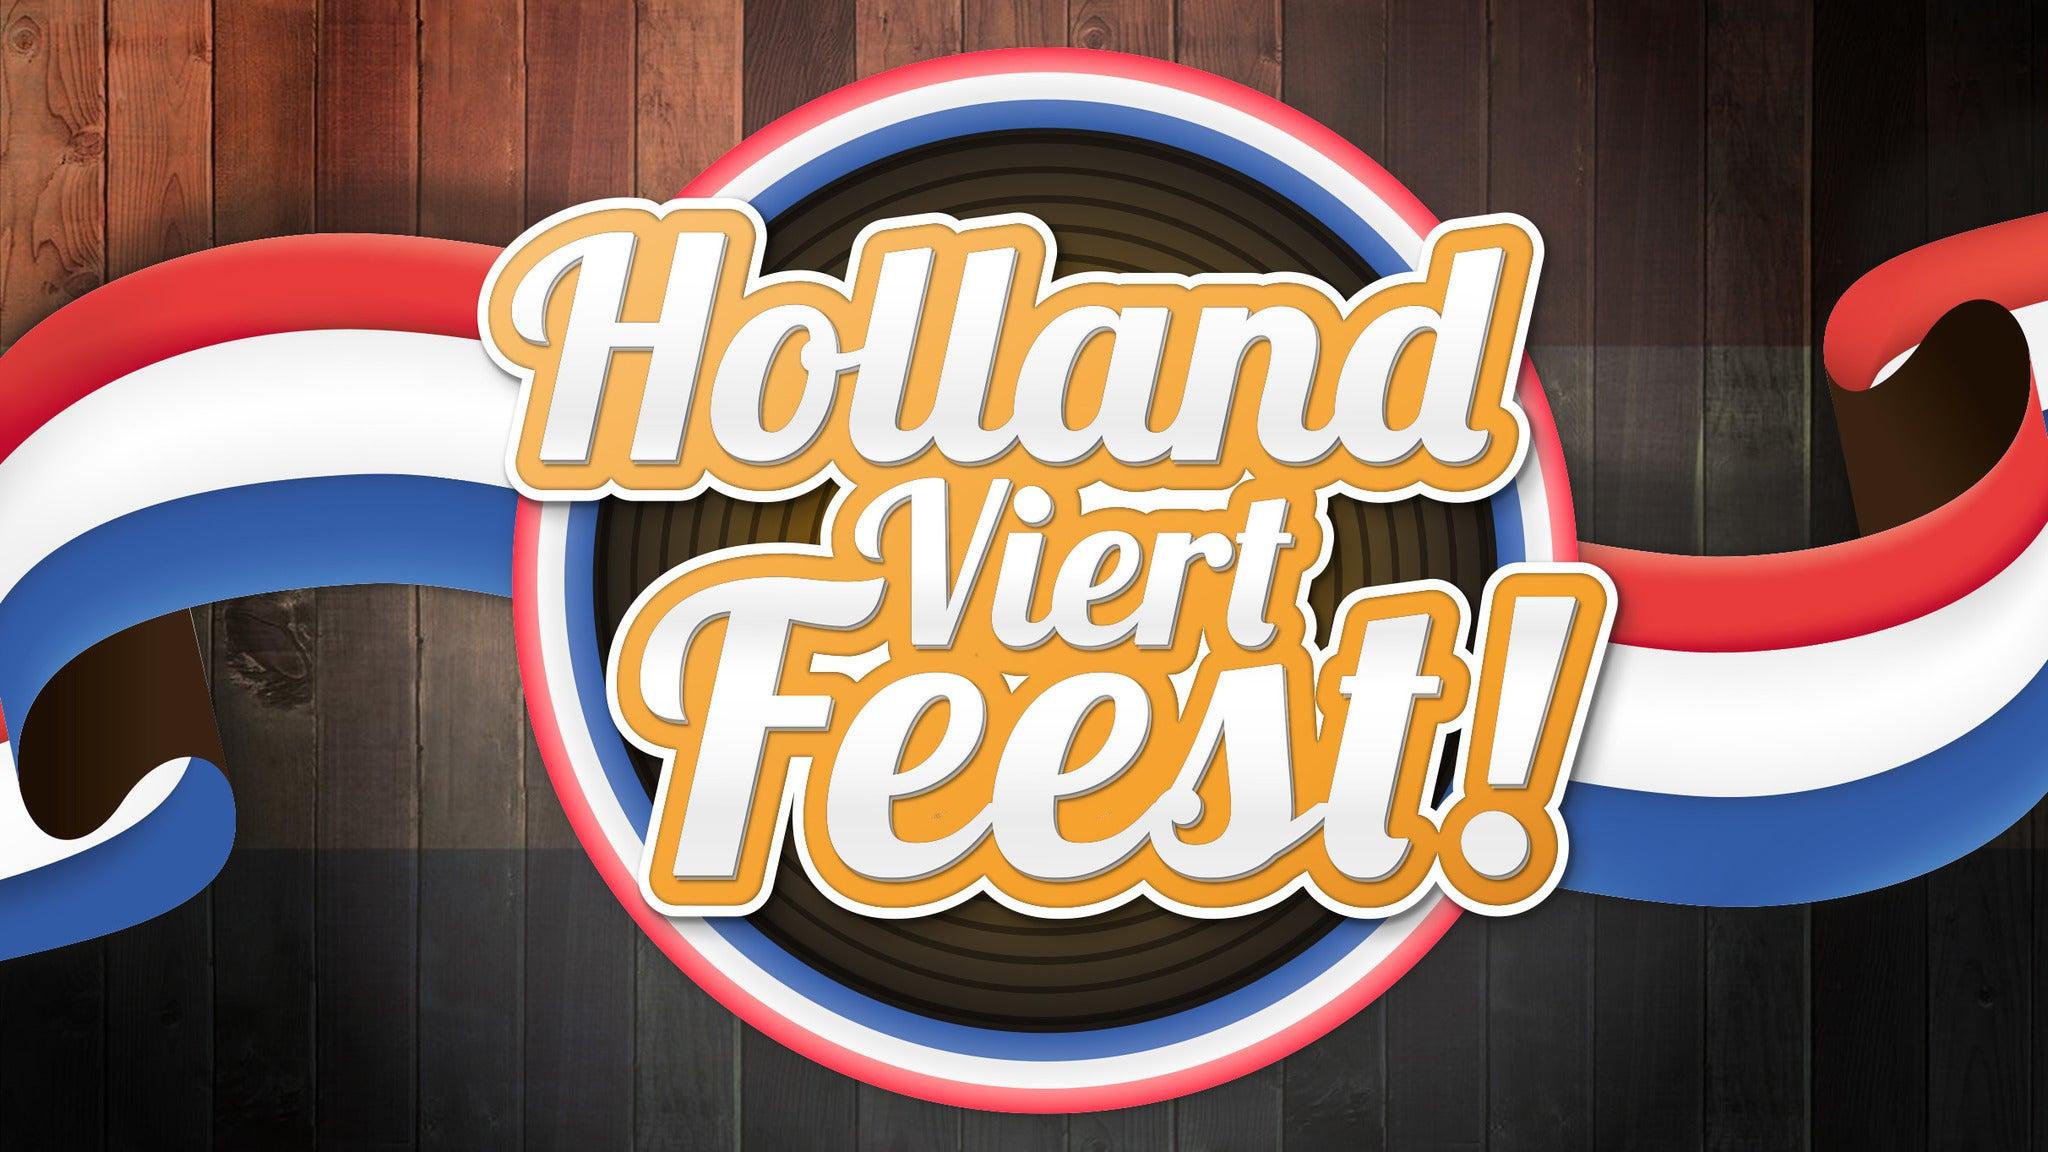 Holland Viert Feest! De grootste kroeg van de regio